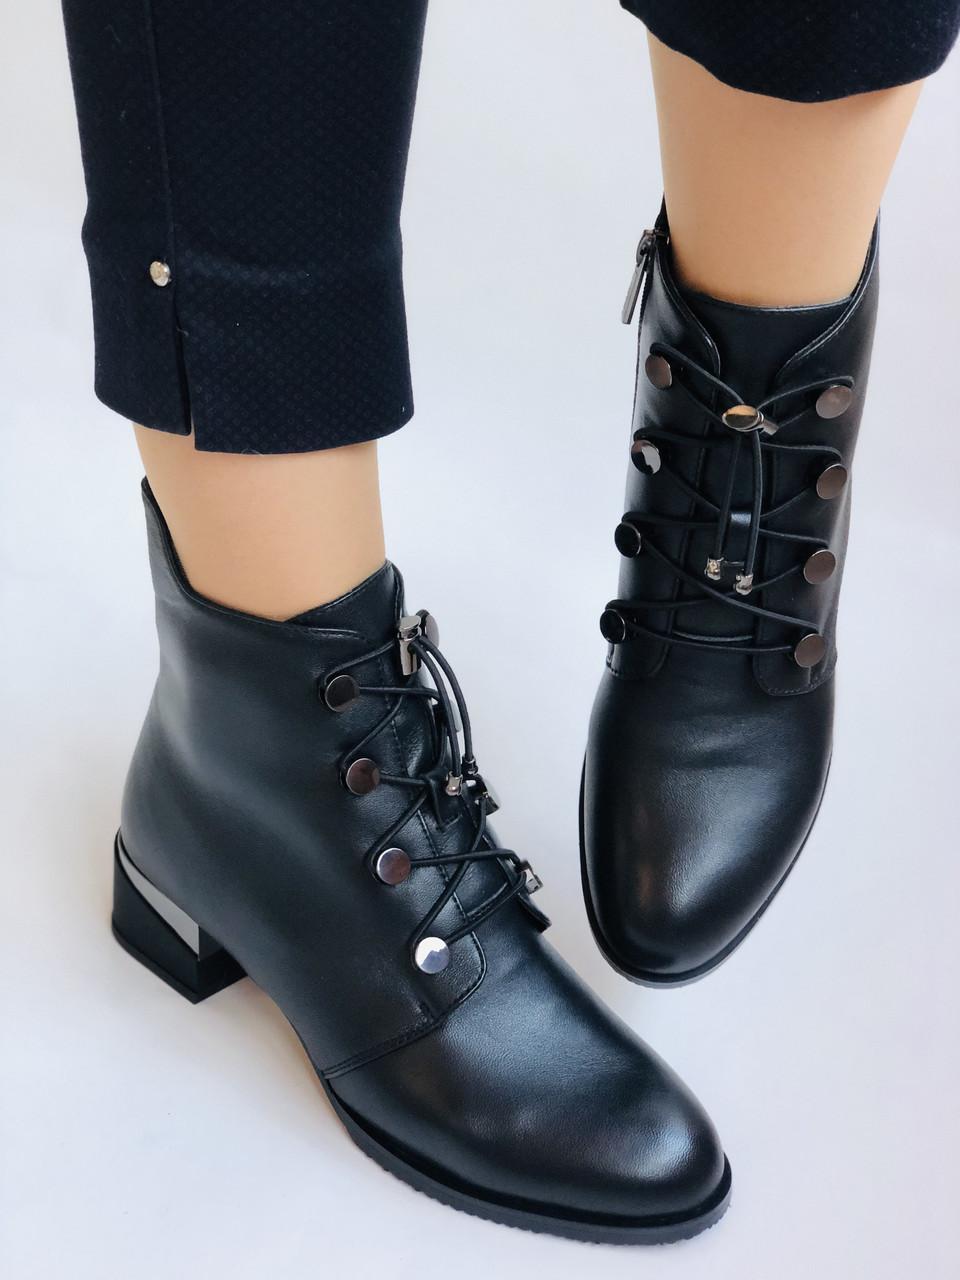 Erisses. Жіночі осінні ботинки з натуральної шкіри на середньому каблуці на вузьку ногу. Розмір 35.36.37.39.40